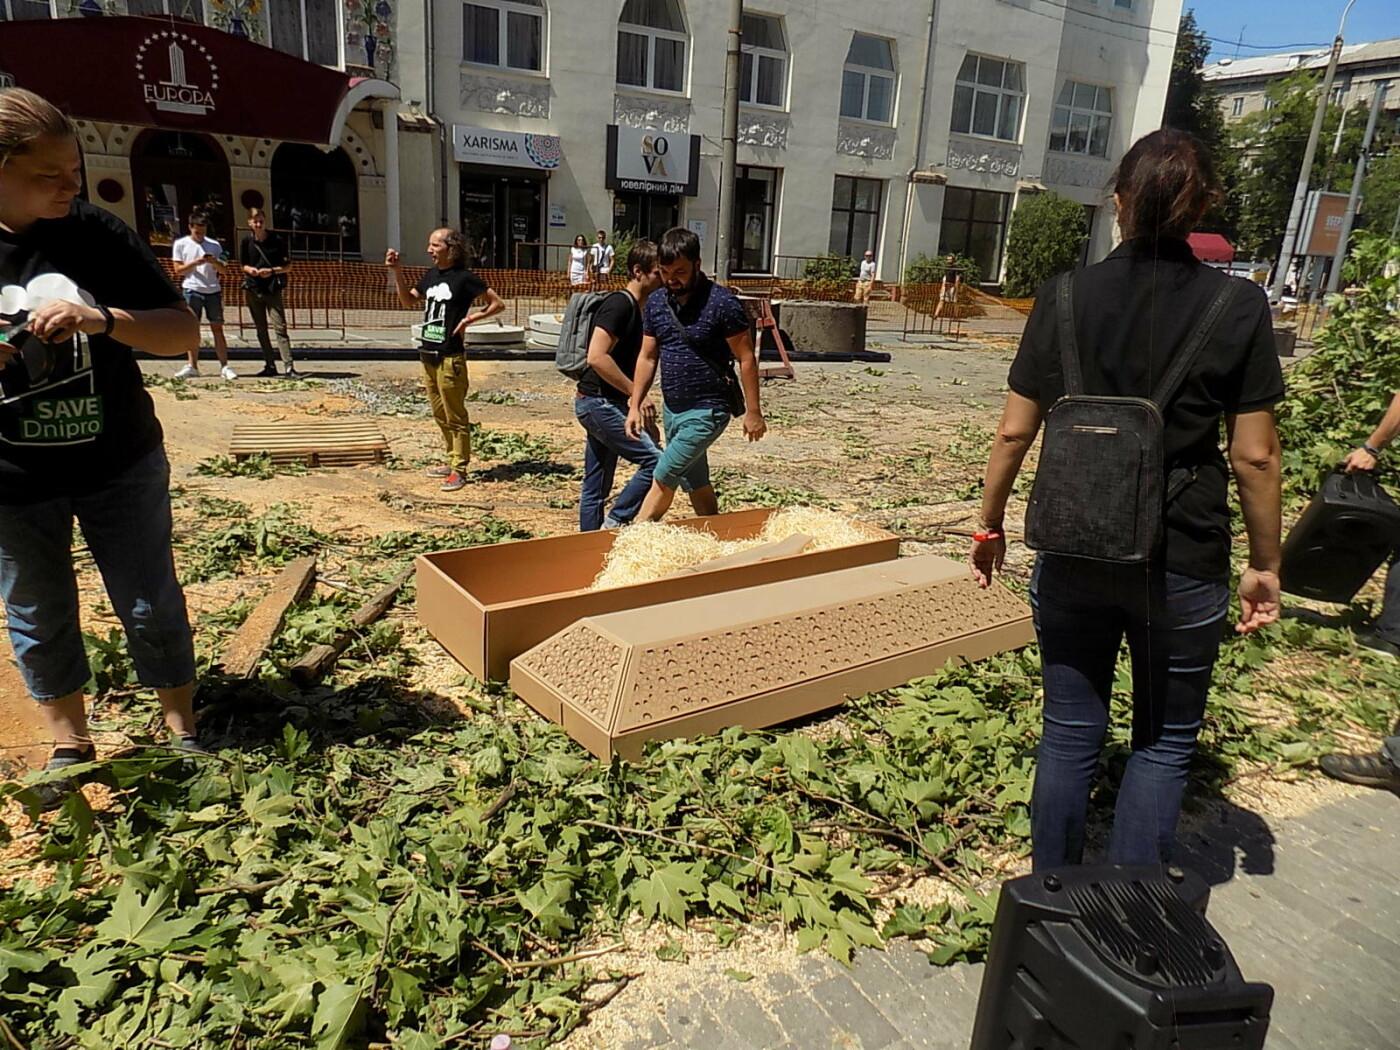 В Днепре провели «похороны» деревьев с Короленко: последние деревья срубили, пока город спал, - ФОТО, фото-10